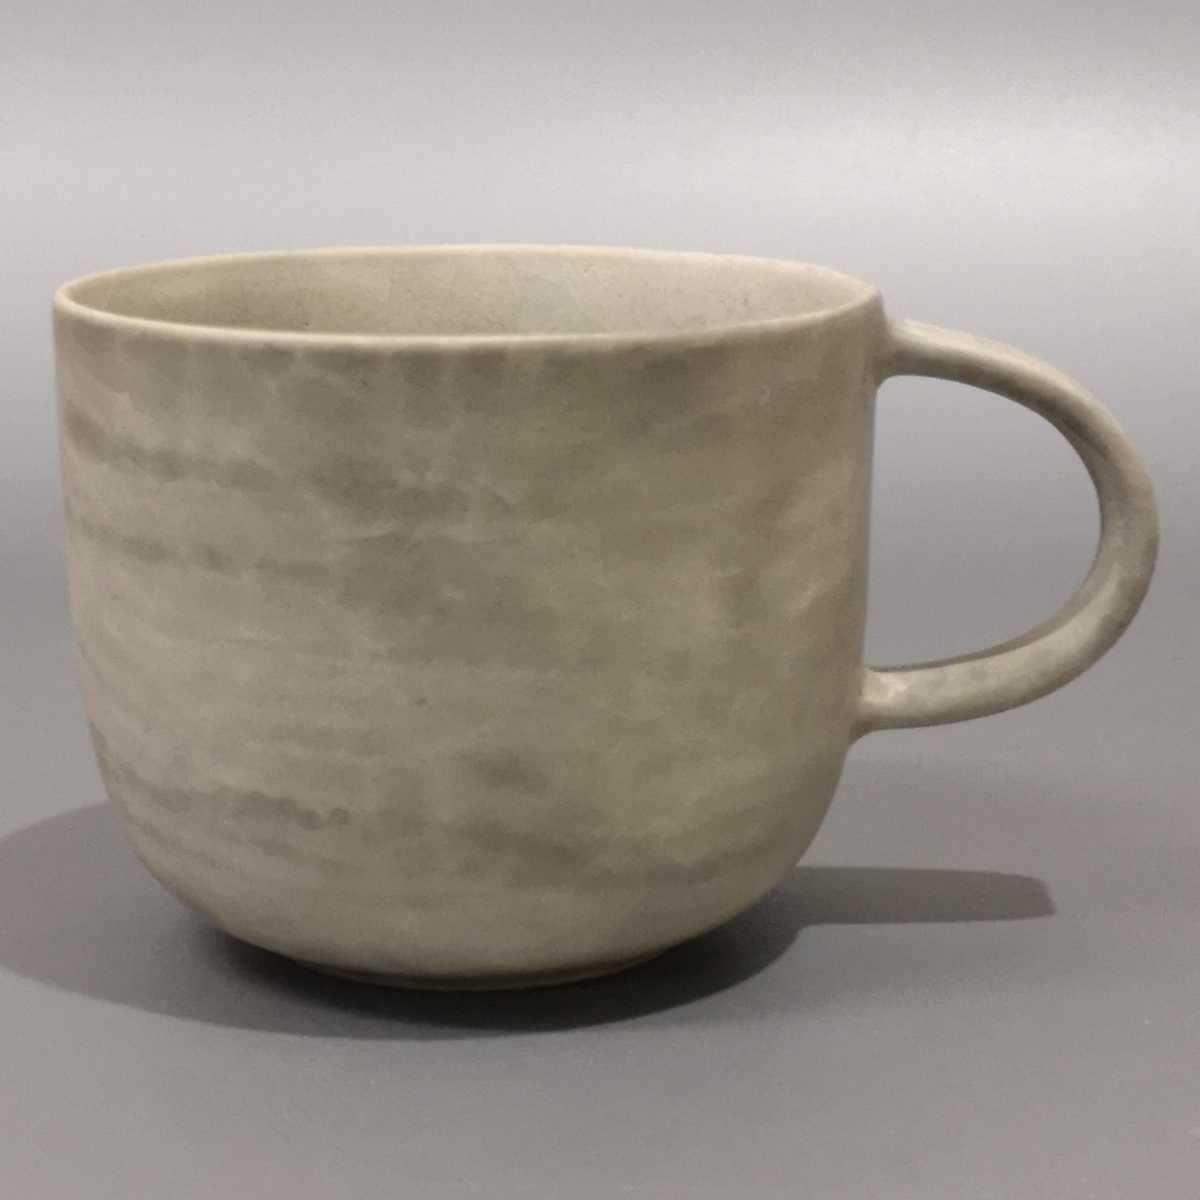 叶46)萩焼 コーヒーカップ マグカップ 珈琲器 未使用新品 同梱歓迎_画像1